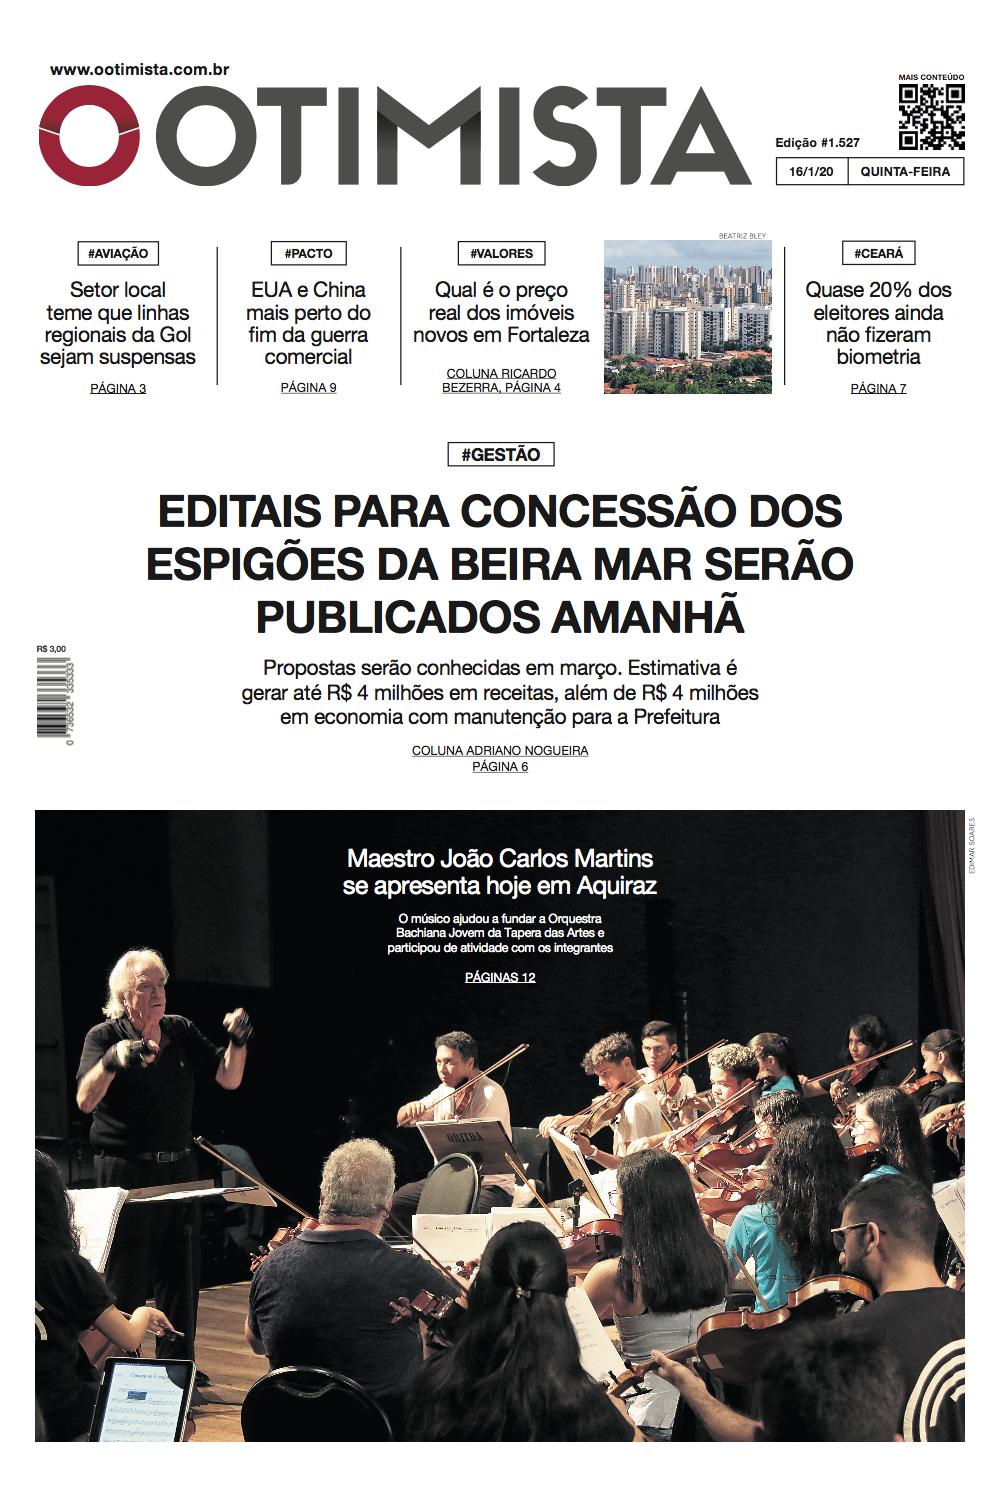 O Otimista - Edição impressa de 16/1/2020